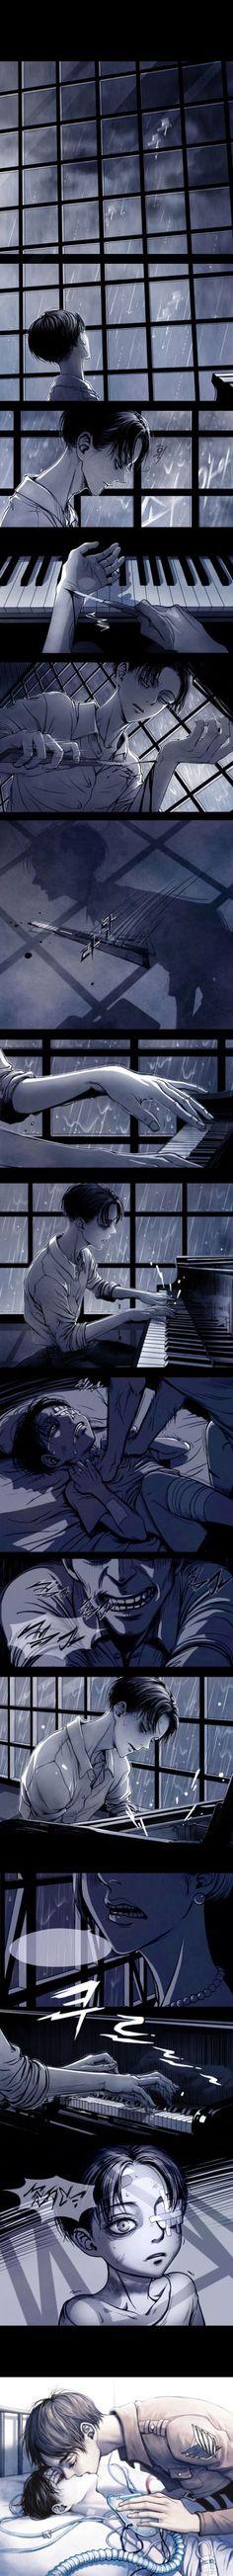 Attack on titan Levi piano rain